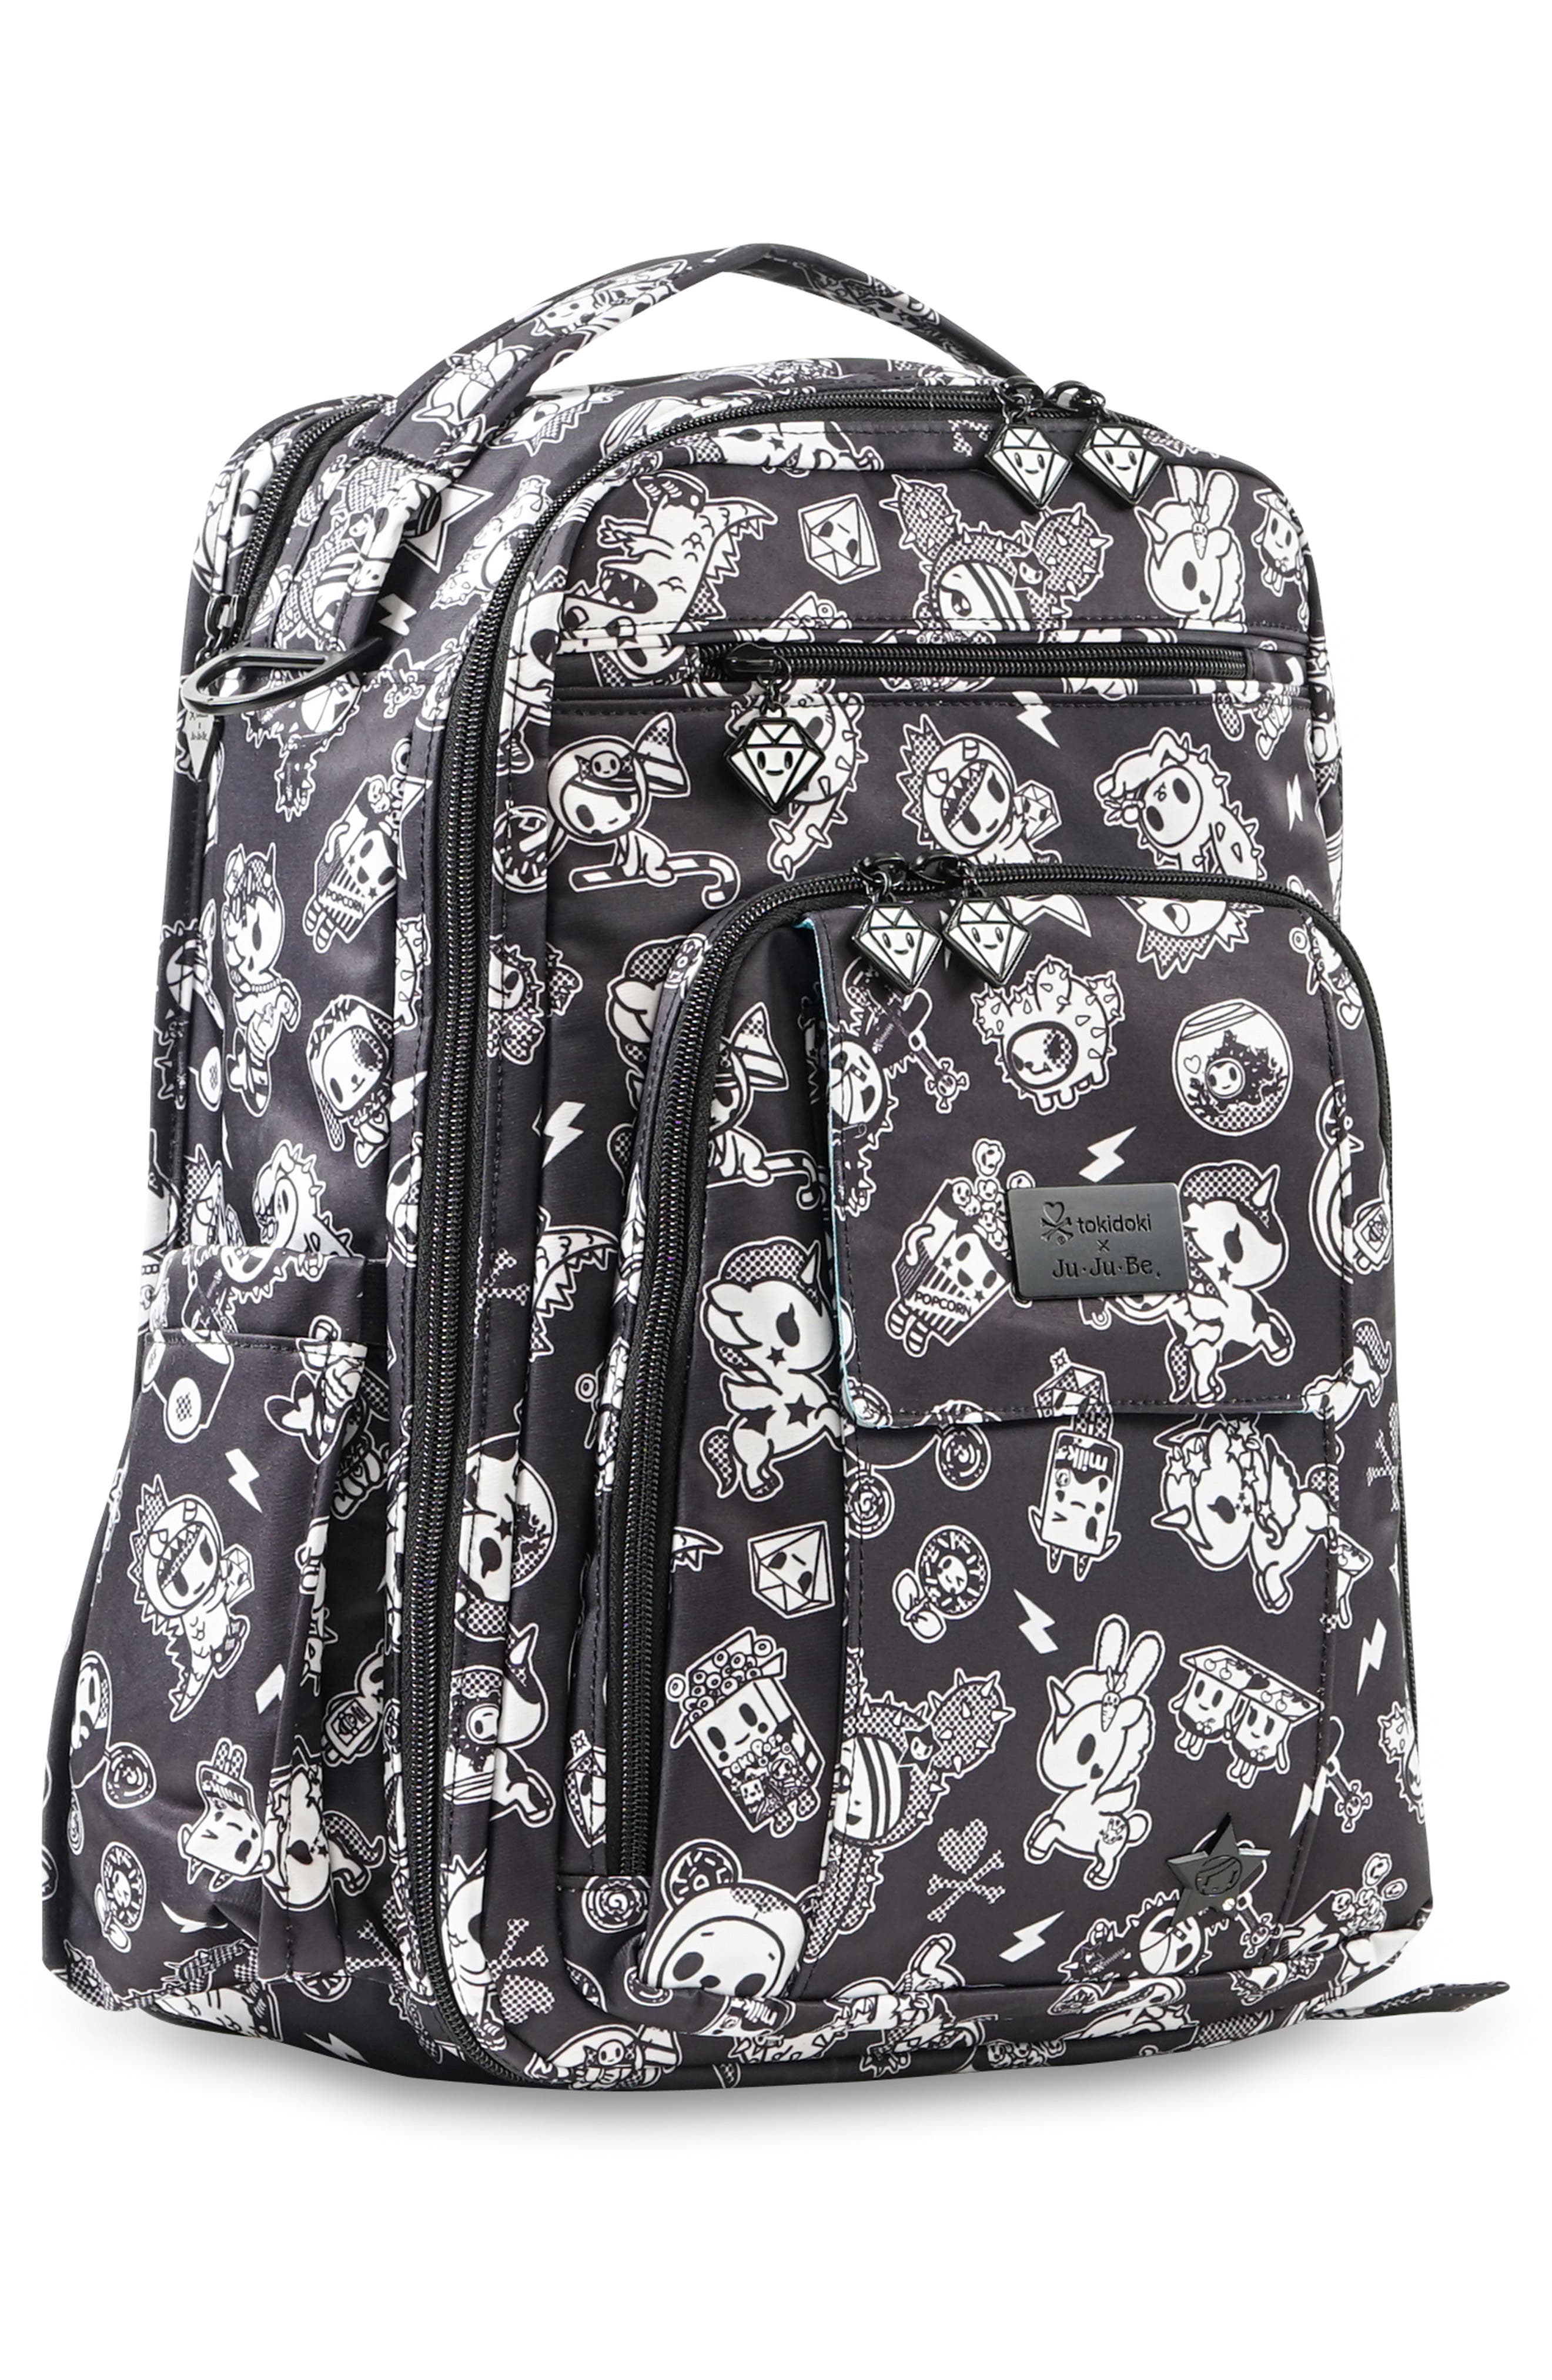 tokidoki x Ju-Ju-Be 'Be Right Back' Diaper Backpack,                             Alternate thumbnail 5, color,                             009